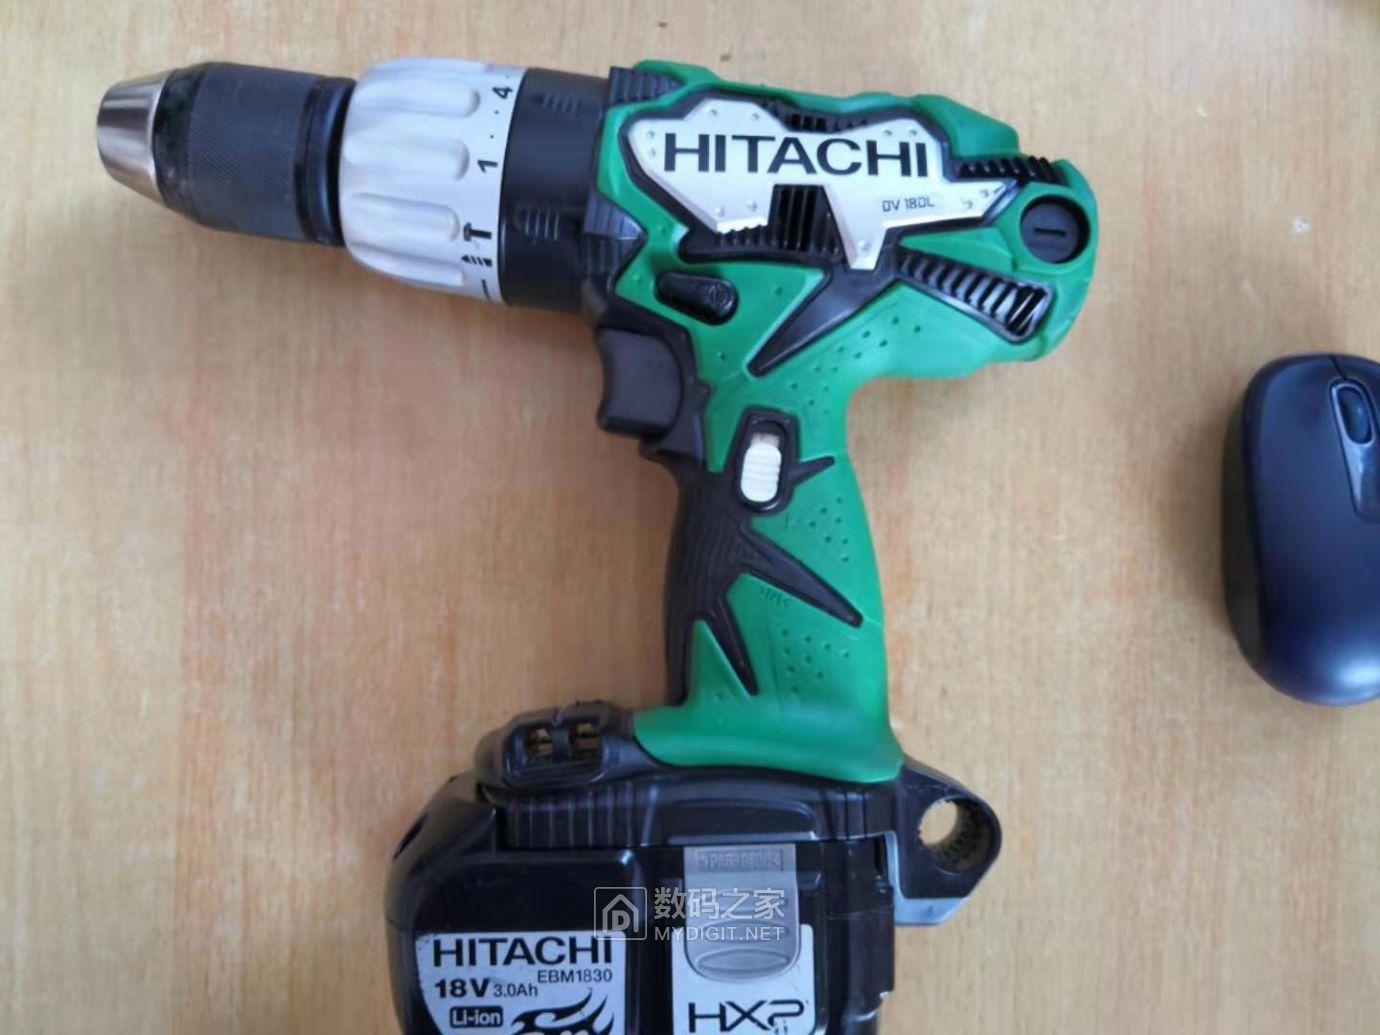 便宜的和贵的手电钻拆解对比(HITACHI DV180L VS TNT) 好货大家谈 第1张